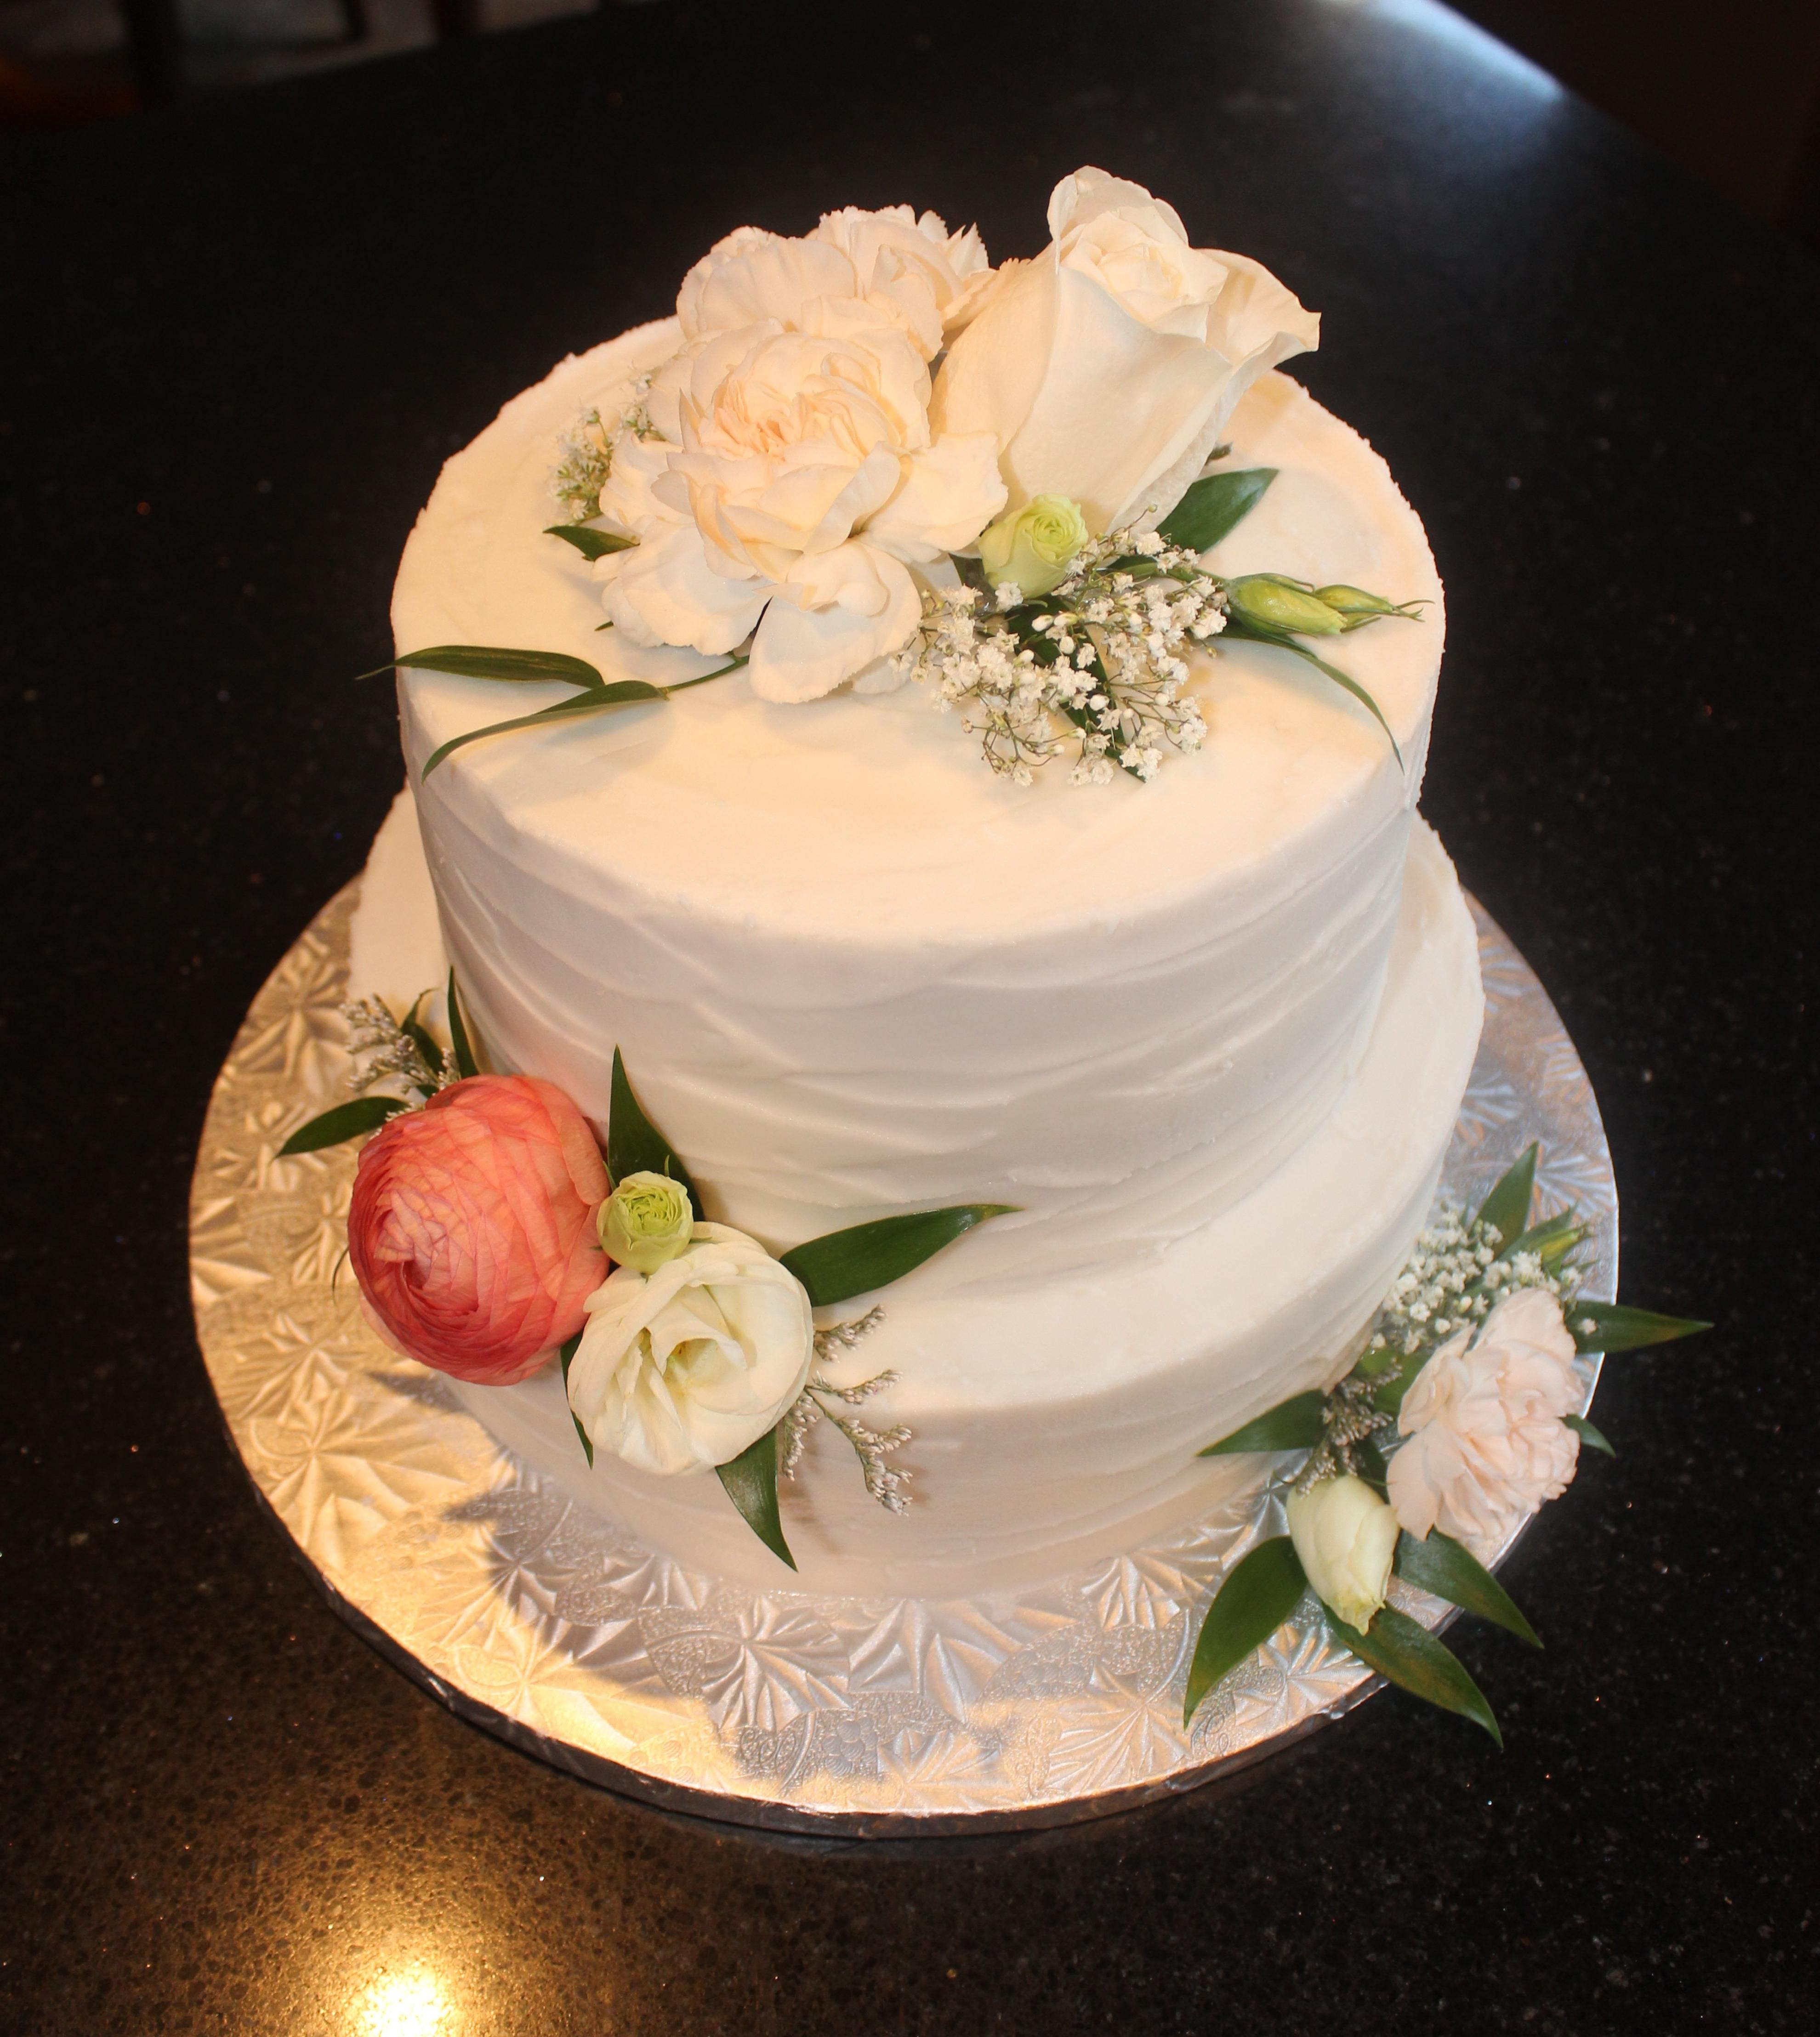 Wedding Cake for Chrisy & Liam